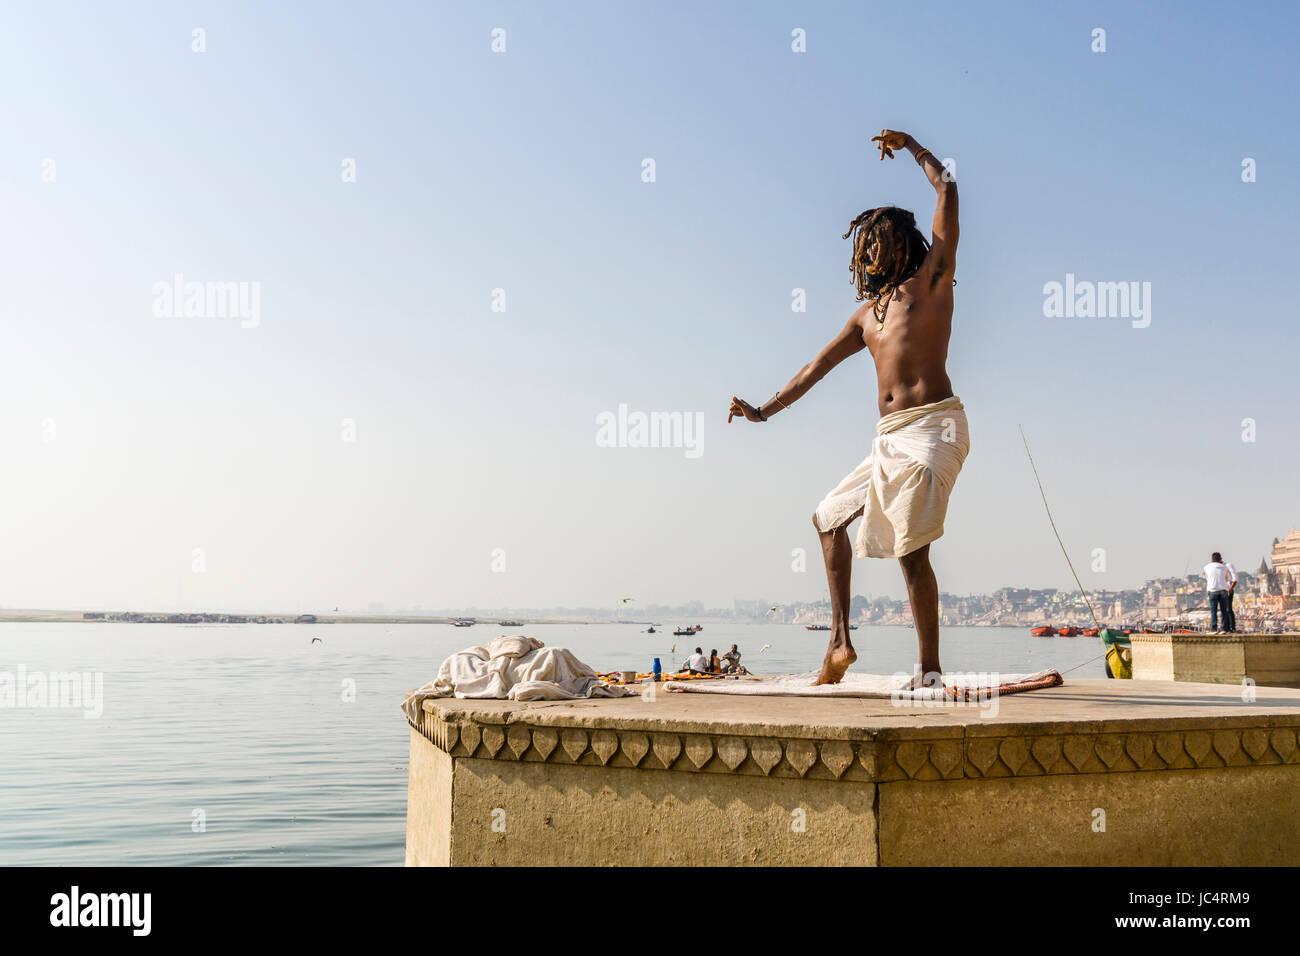 Un sadhu, hombre santo, baila sobre una plataforma en el río santo Ganges en meer ghat en el suburbio godowlia Imagen De Stock